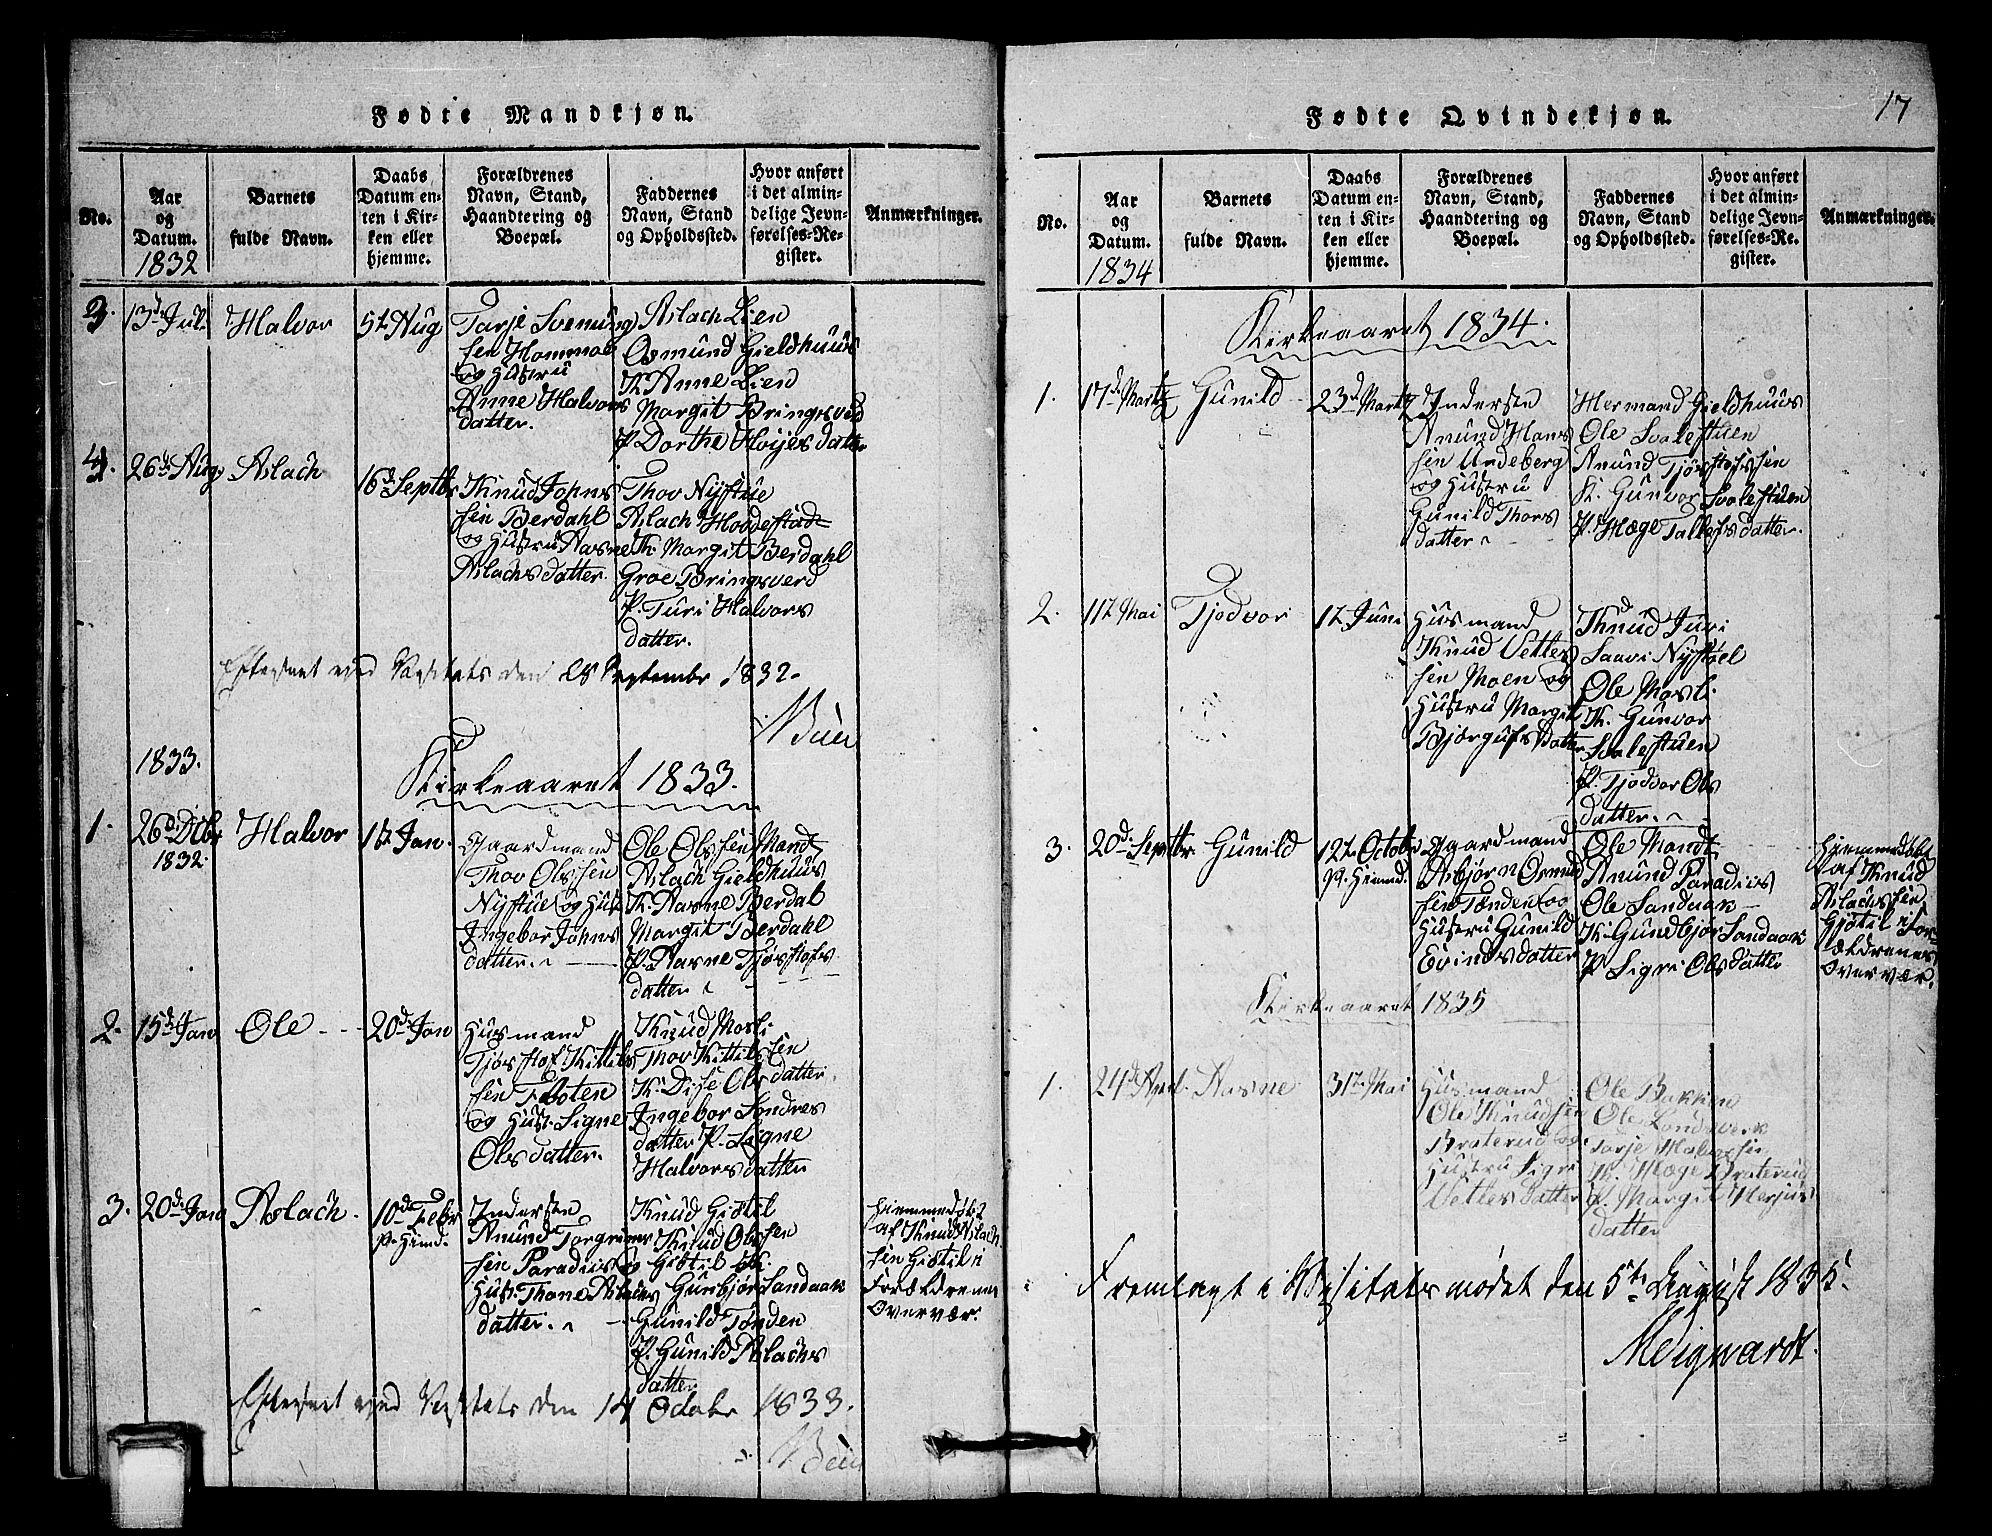 SAKO, Vinje kirkebøker, G/Gb/L0001: Klokkerbok nr. II 1, 1814-1843, s. 17